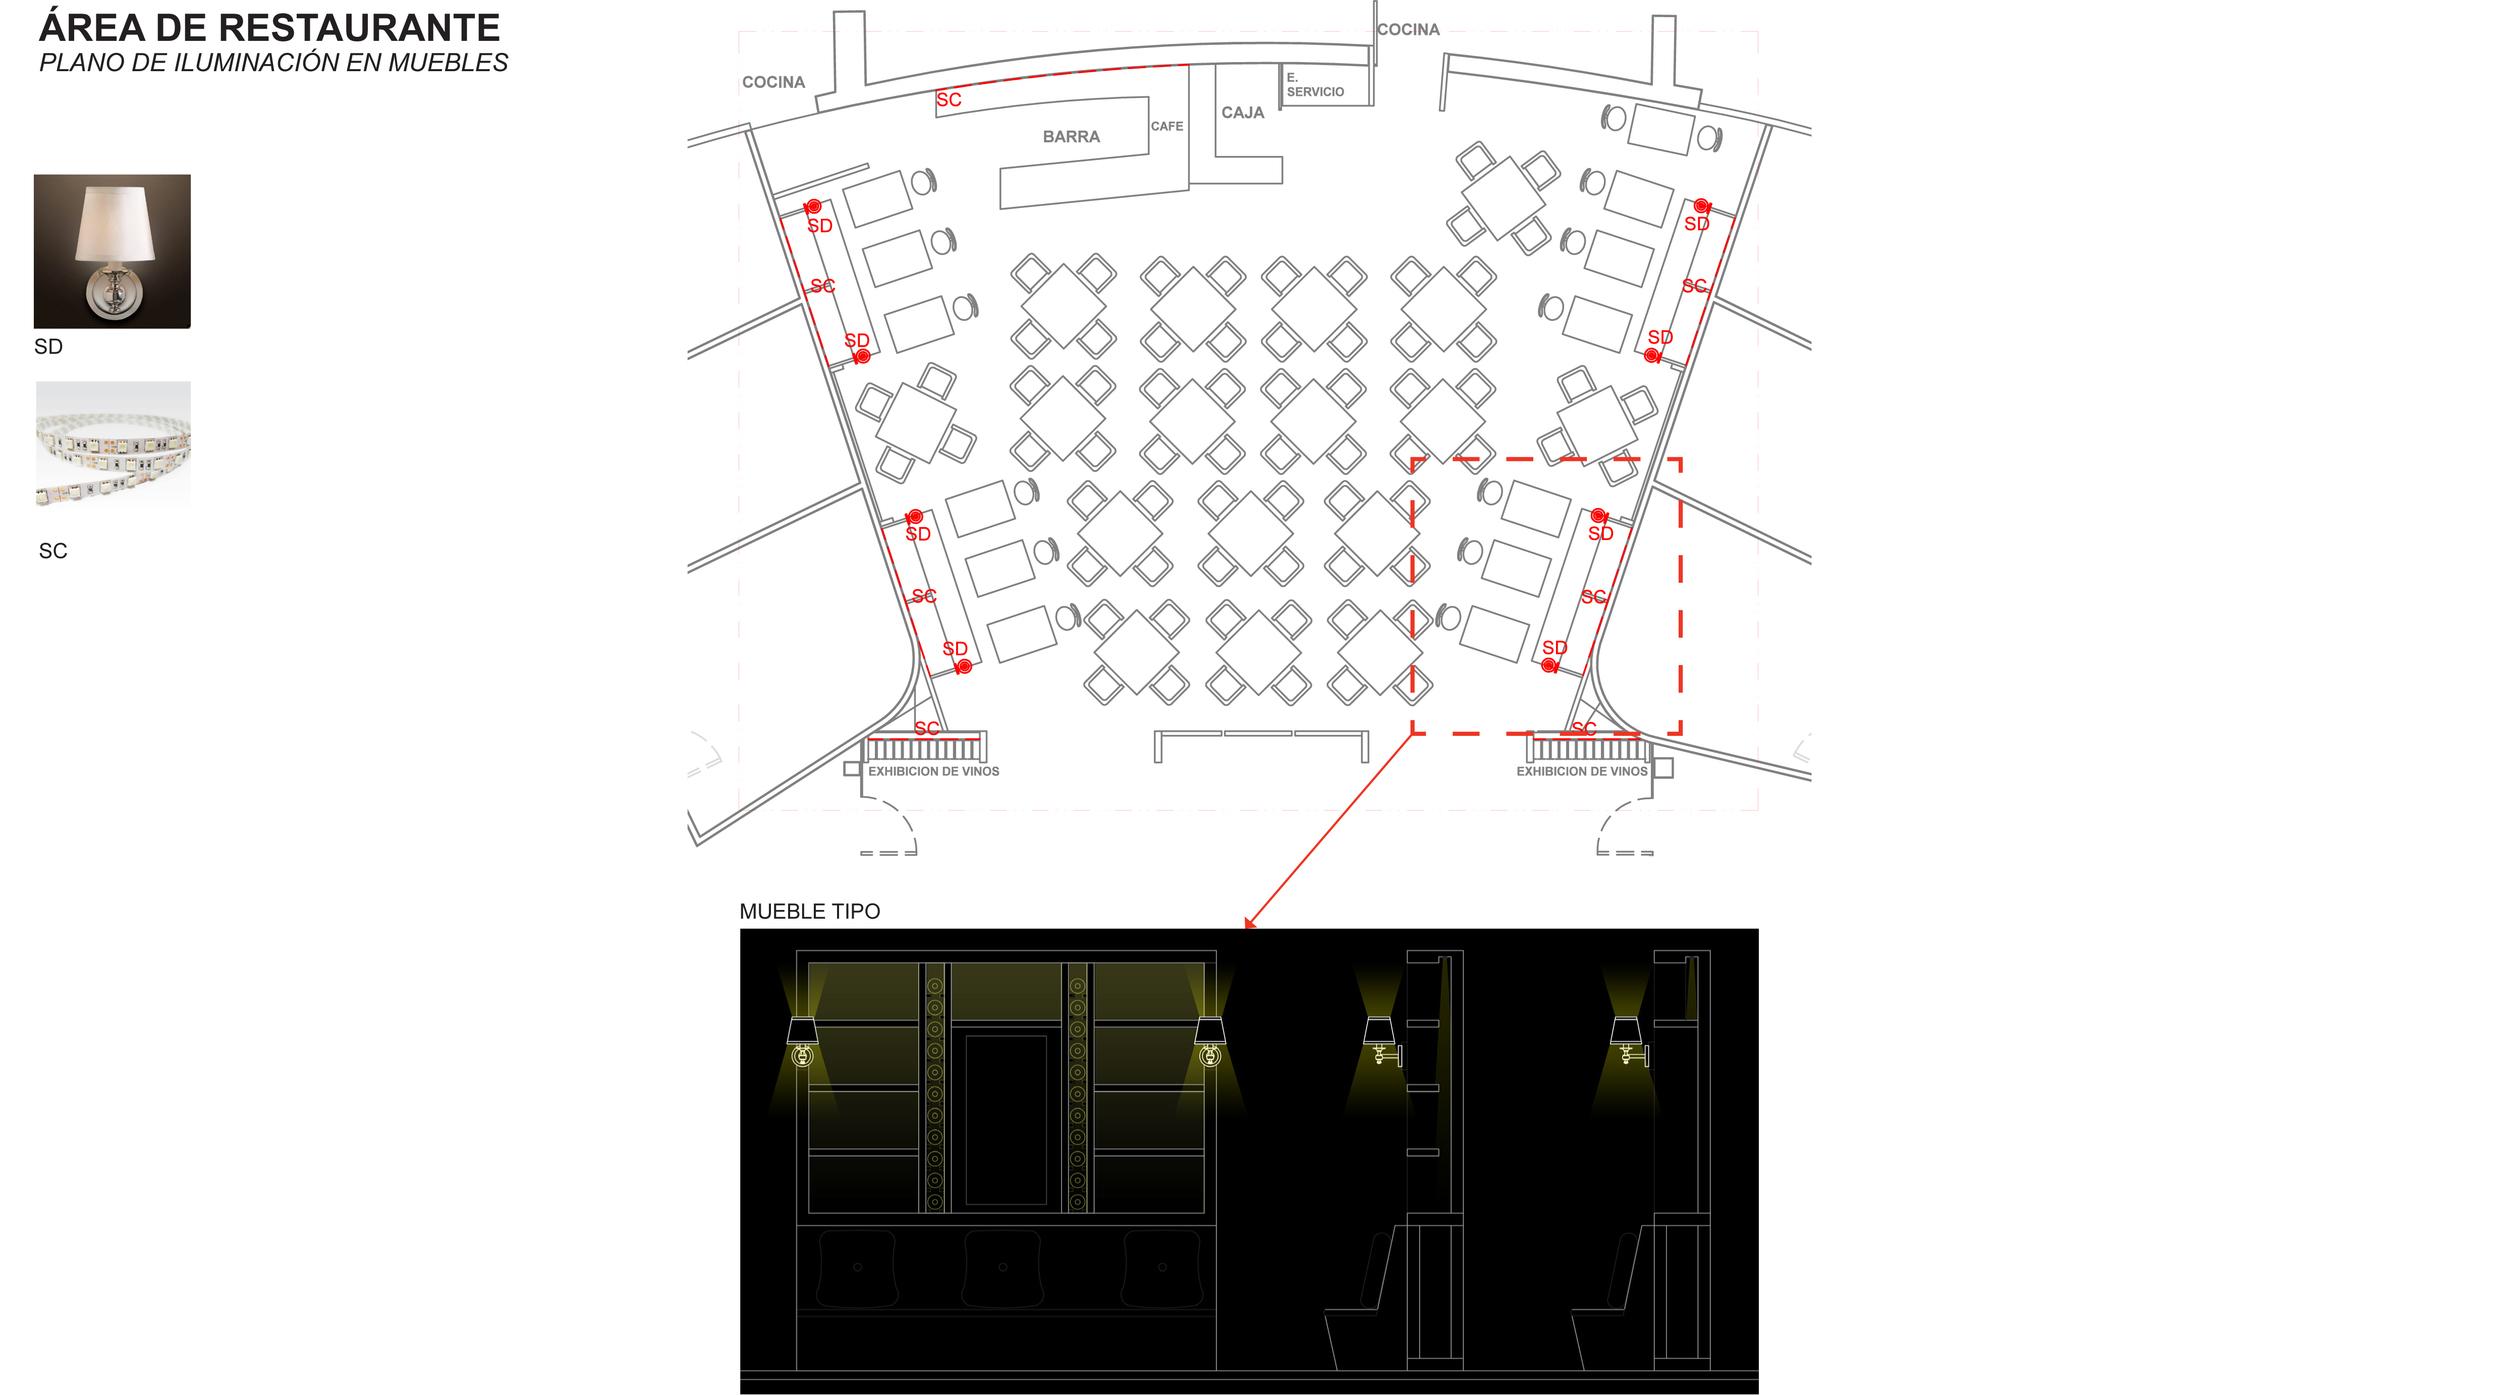 Fase esquemática_Iluminación 3.jpg